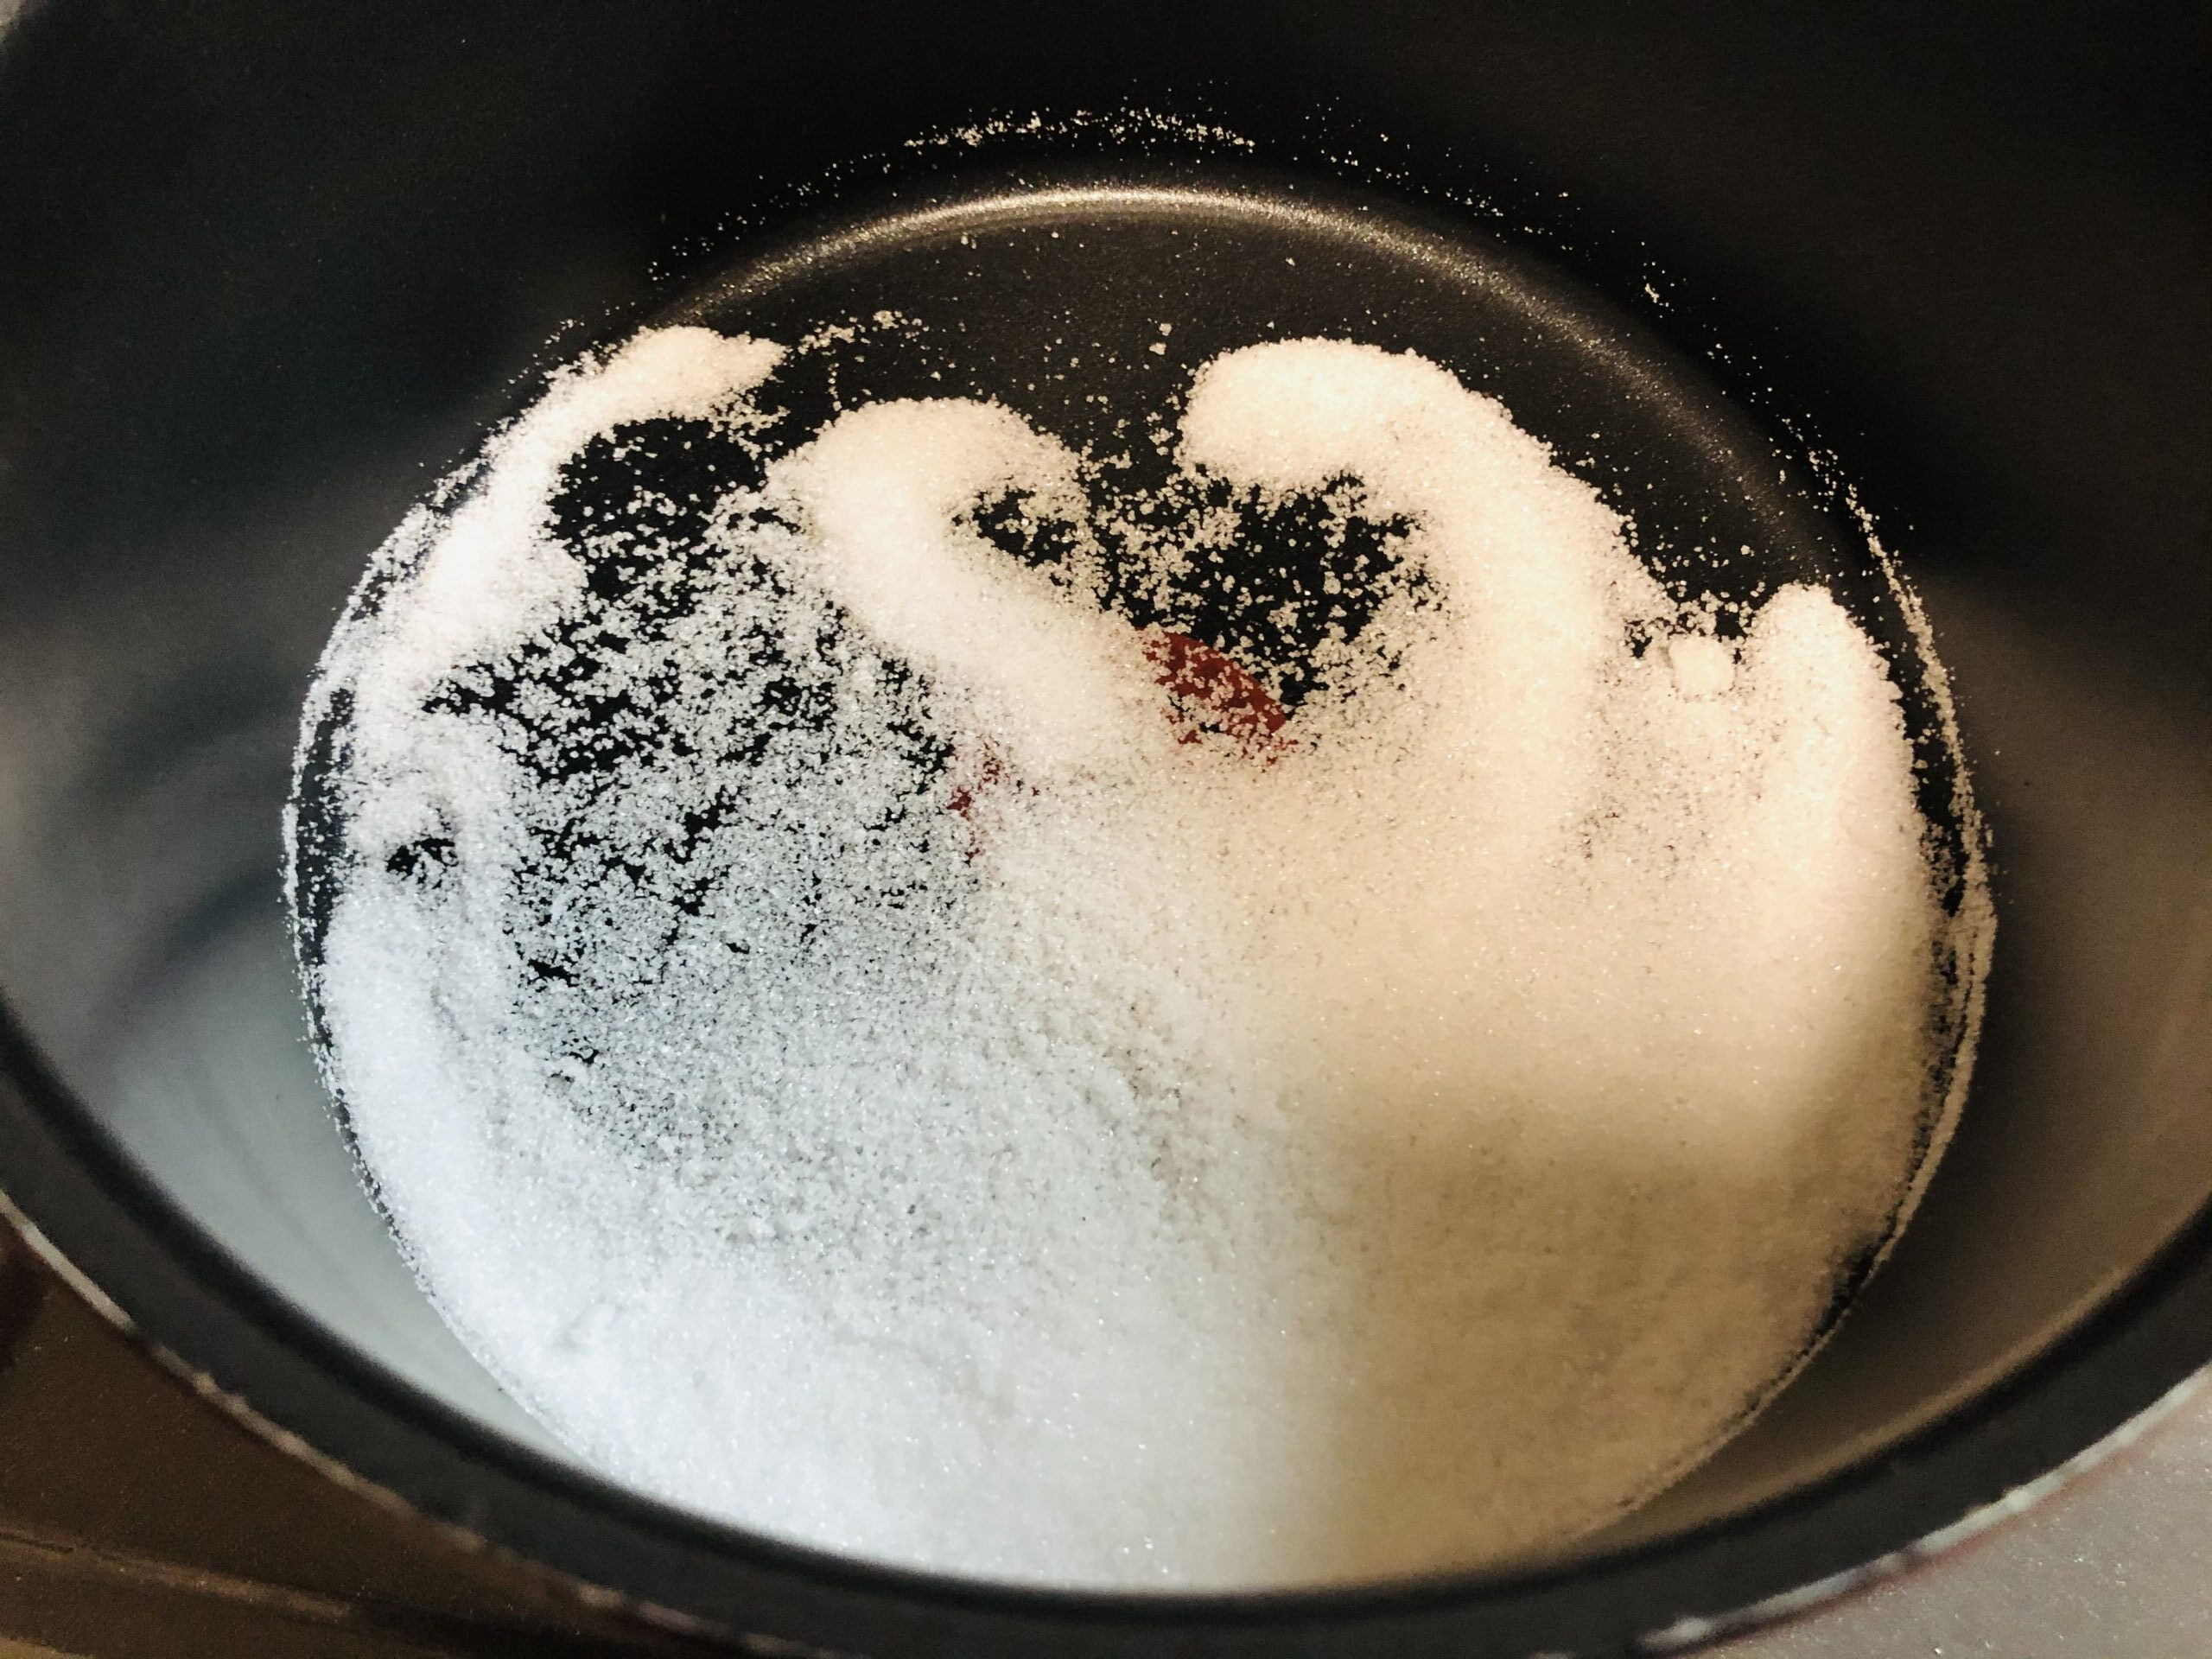 鍋にキャラメル用のグラニュー糖を入れた様子の画像です。